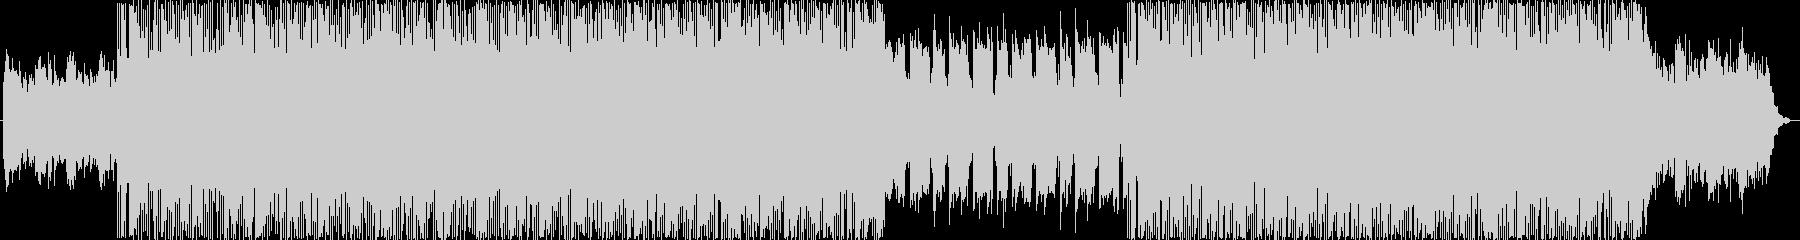 疾走感のあるドラムンベースBGMの未再生の波形